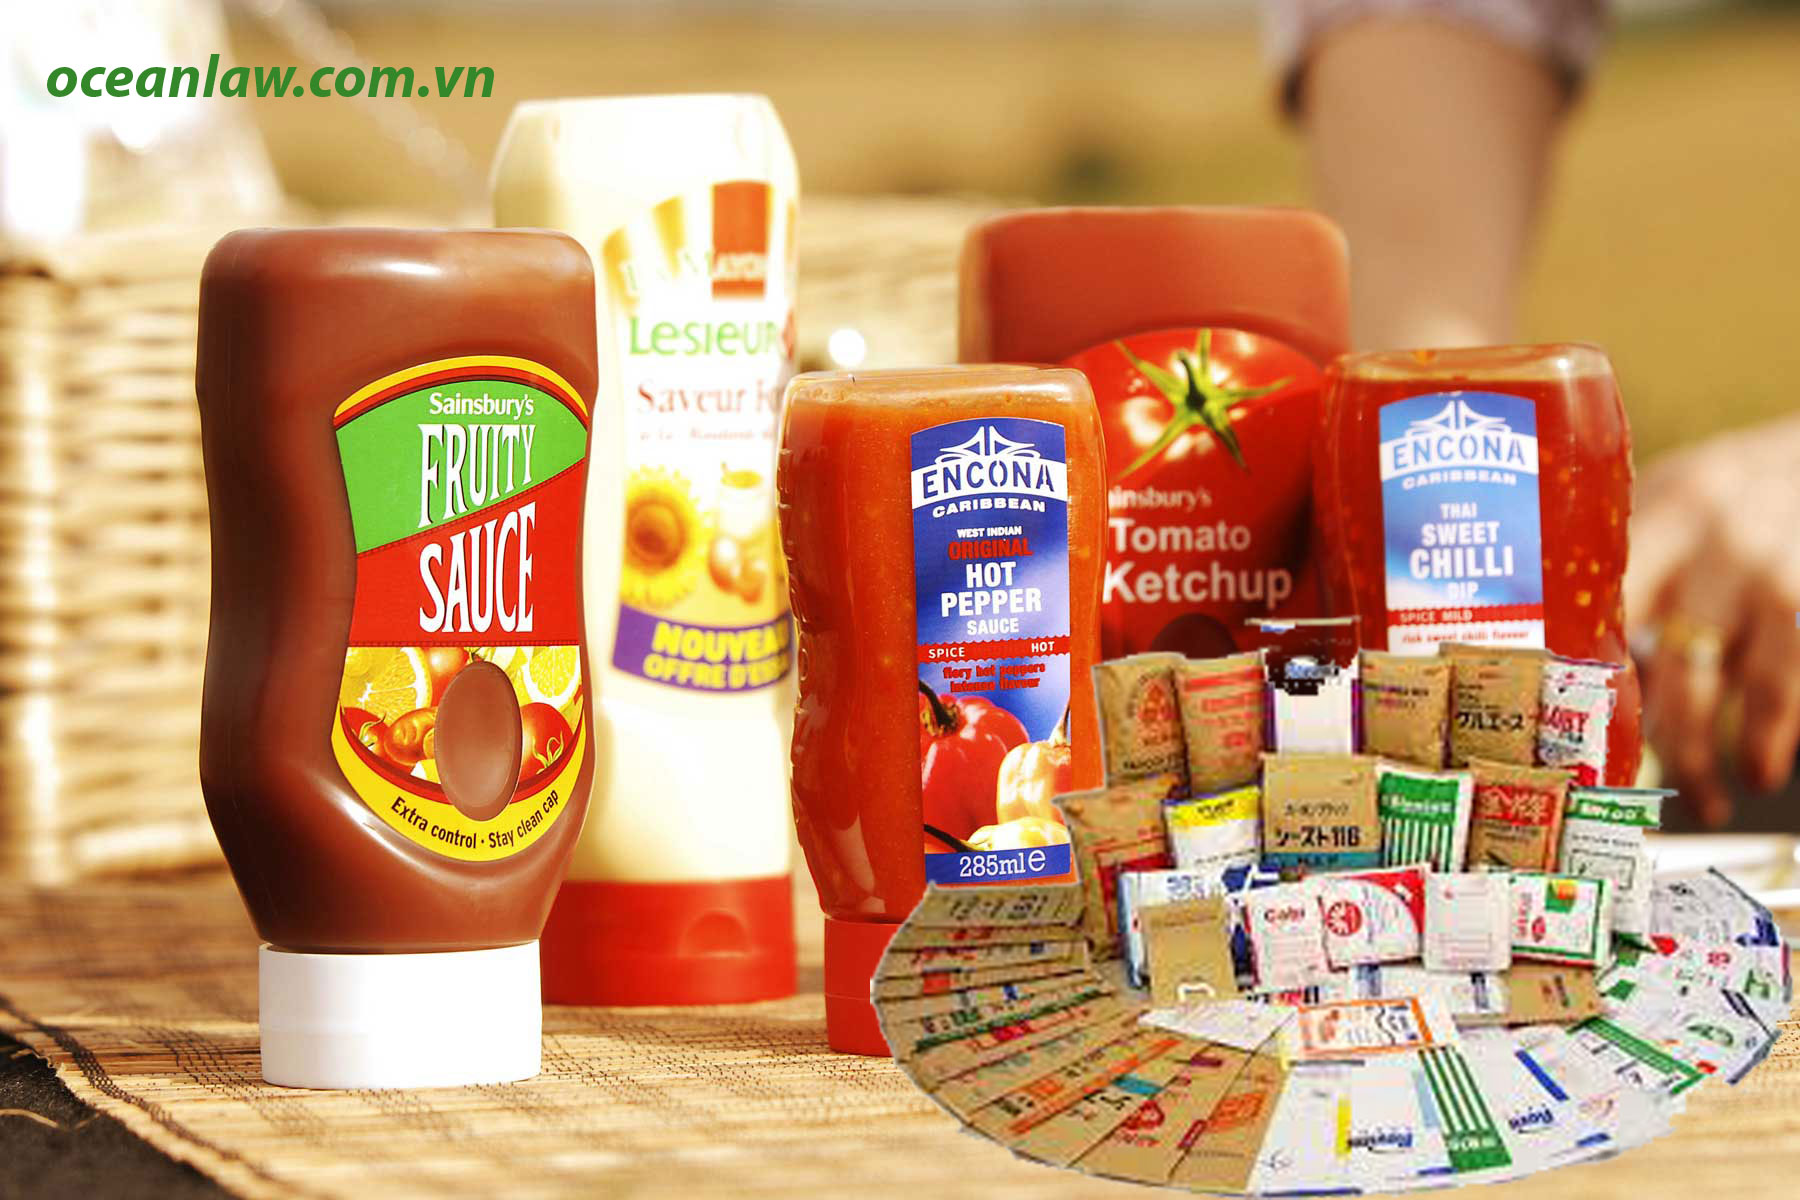 Công bố tiêu chuẩn chất lượng thực phẩm nhập khẩu